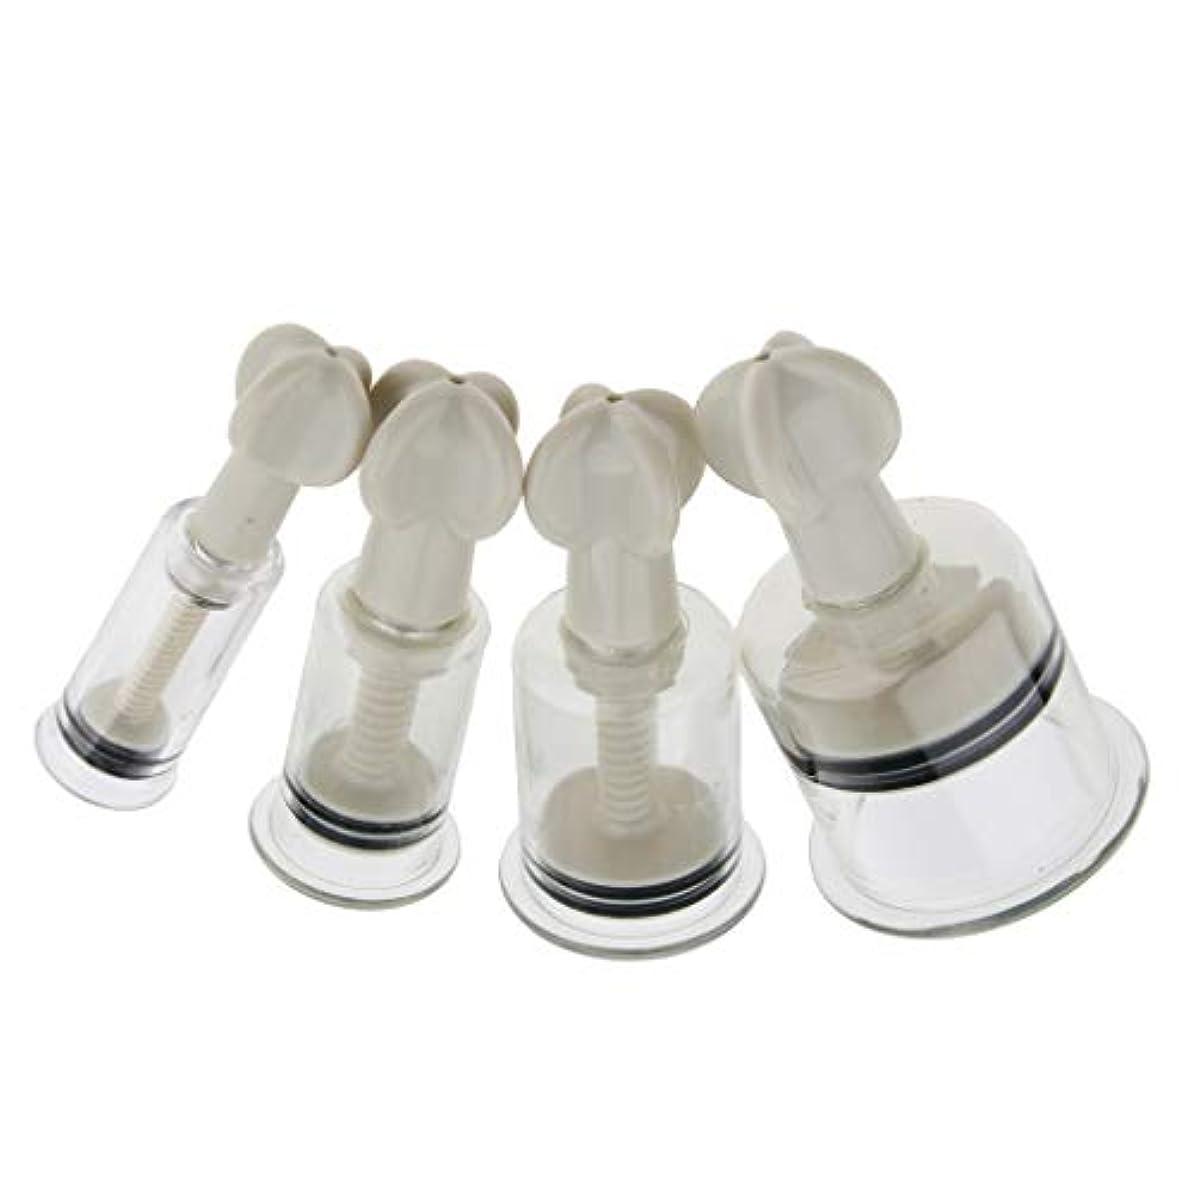 ペレットみすぼらしい小競り合い真空カッピングセット マッサージカップ 吸い玉 筋肉痛救済 男女兼用 4個 プラスチック製 高品質